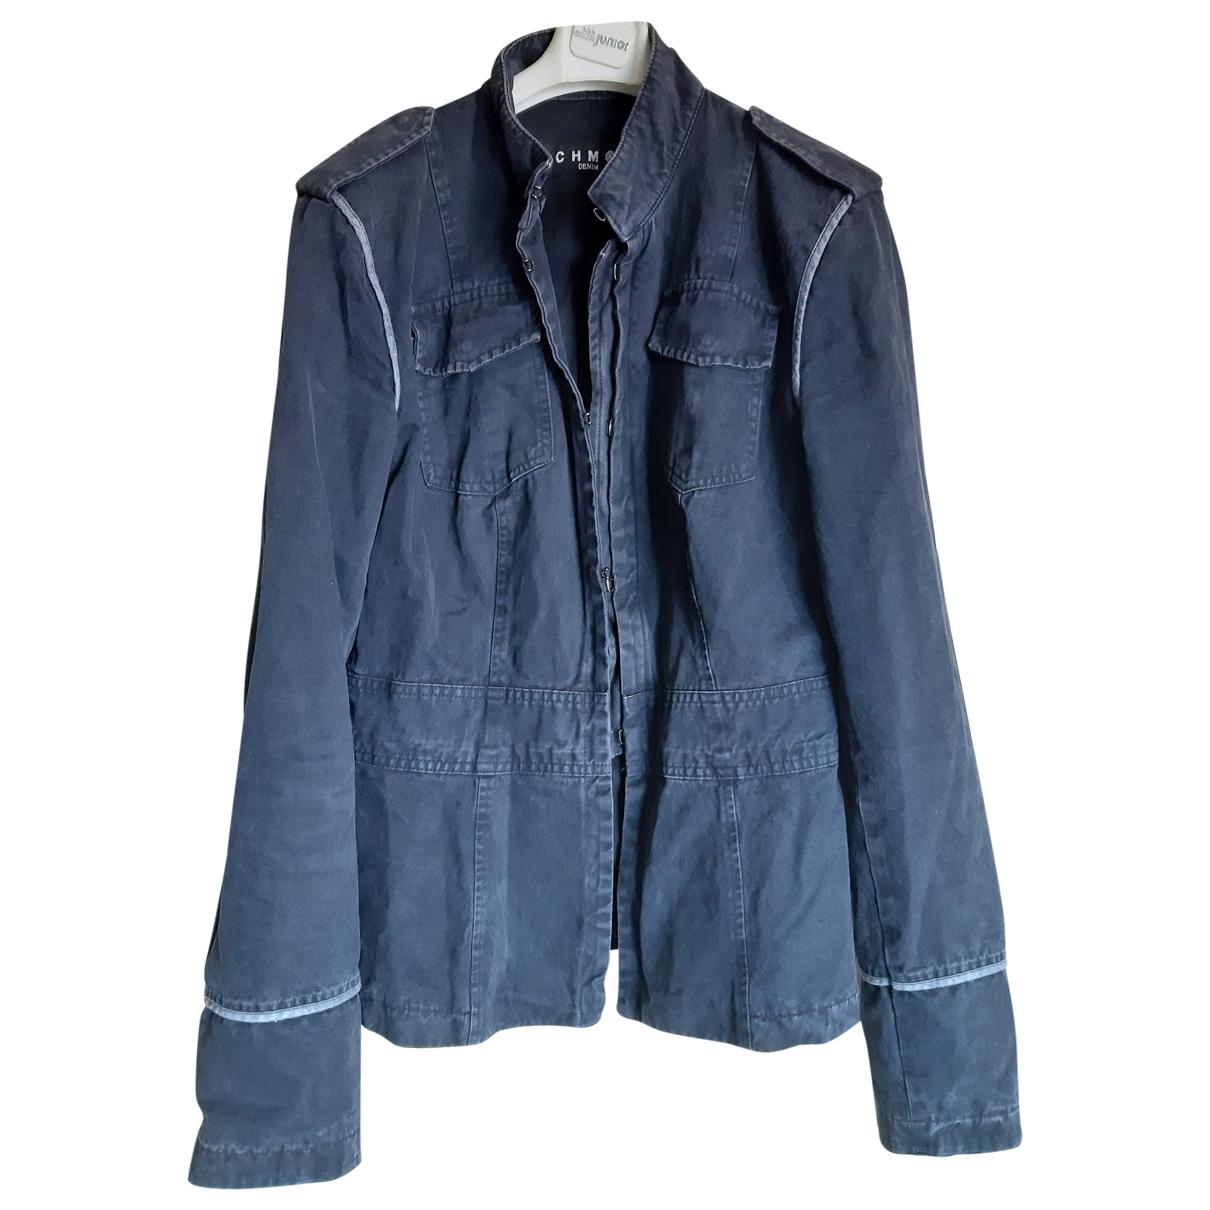 John Richmond \N Cotton jacket for Women 44 IT